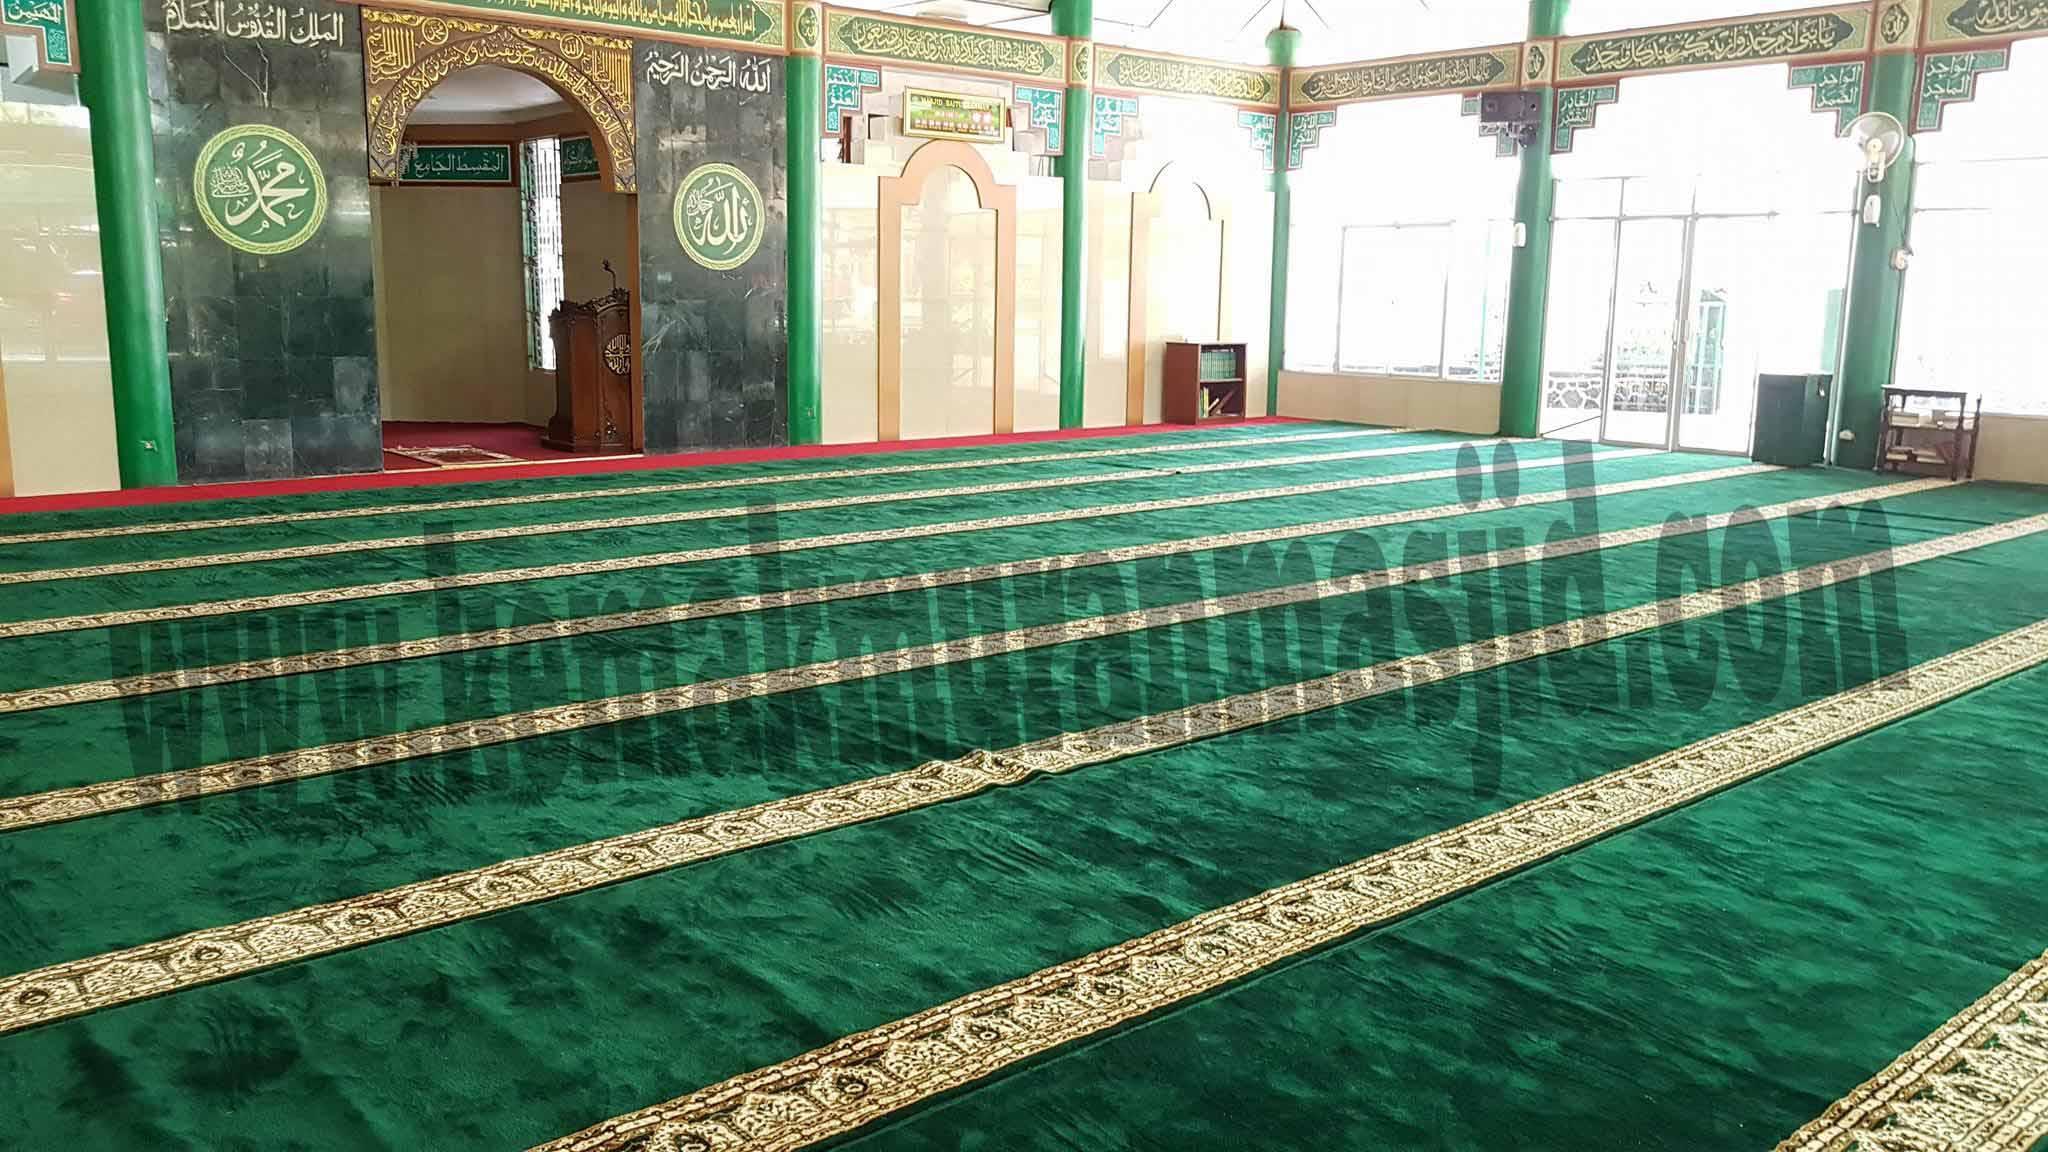 Jual Karpet Masjid Murah Di Aceh timur